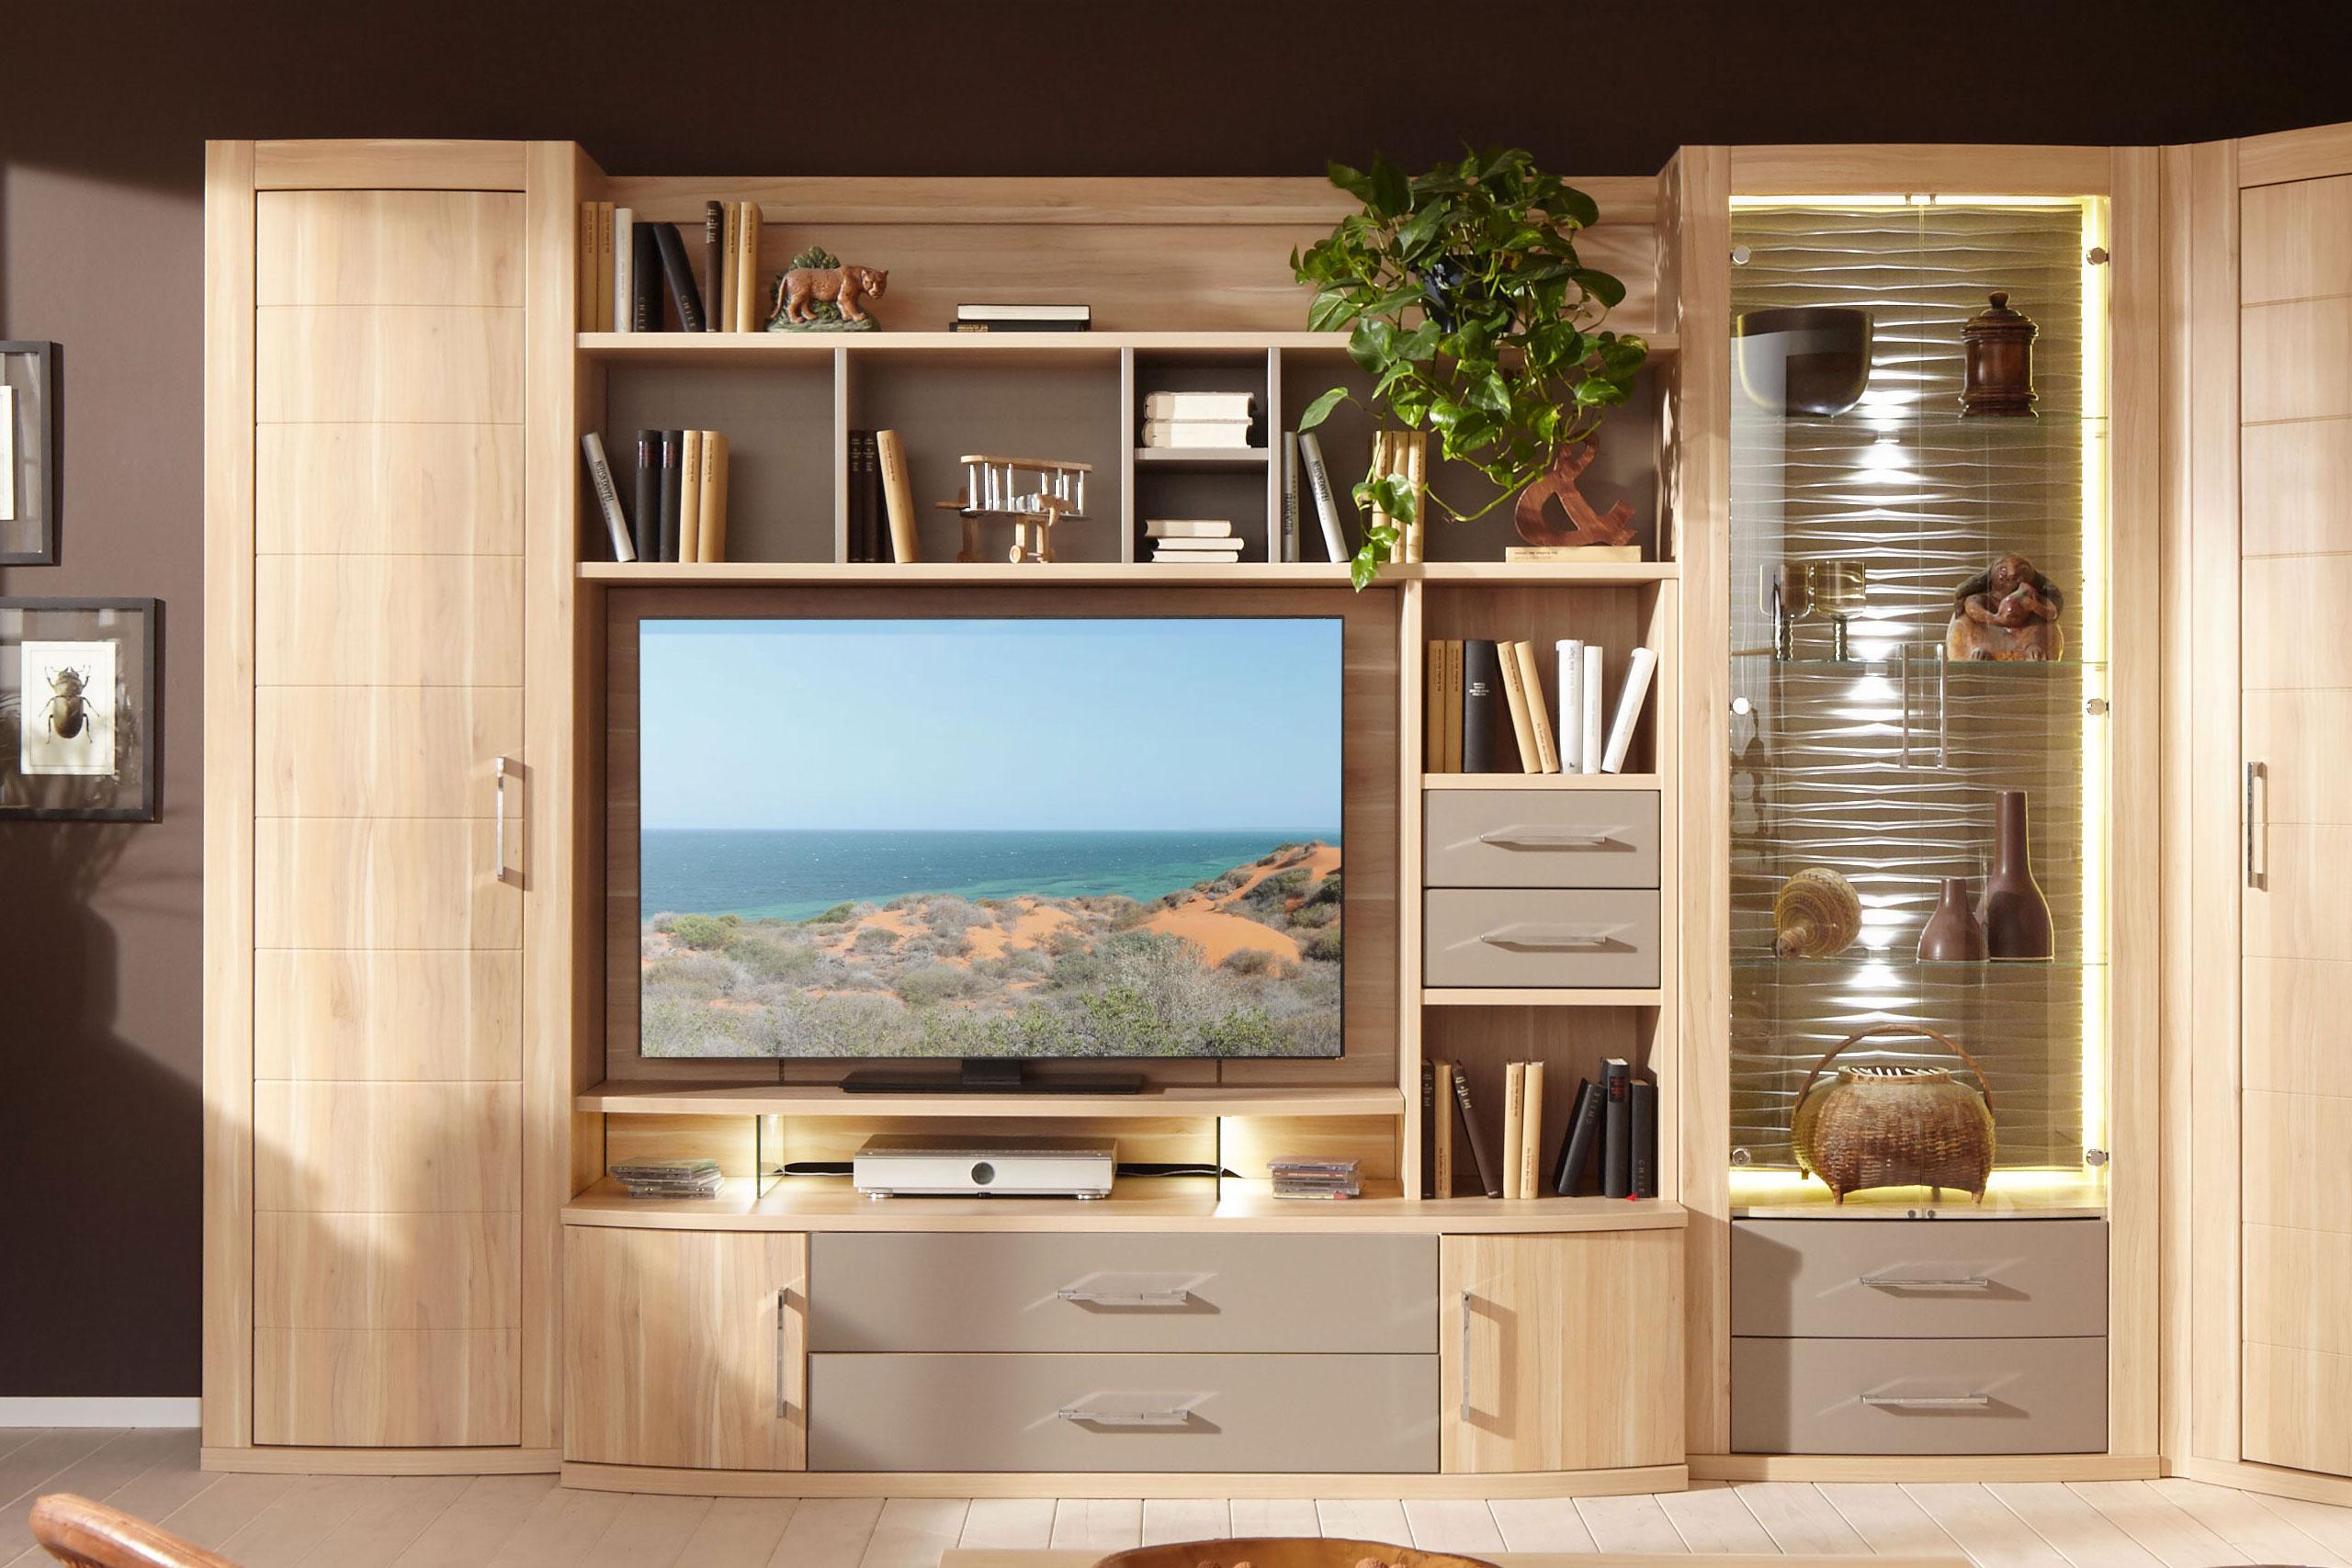 prenneis wohnwand mailand plus portos 3547 in apfelbaum camel m bel letz ihr online shop. Black Bedroom Furniture Sets. Home Design Ideas